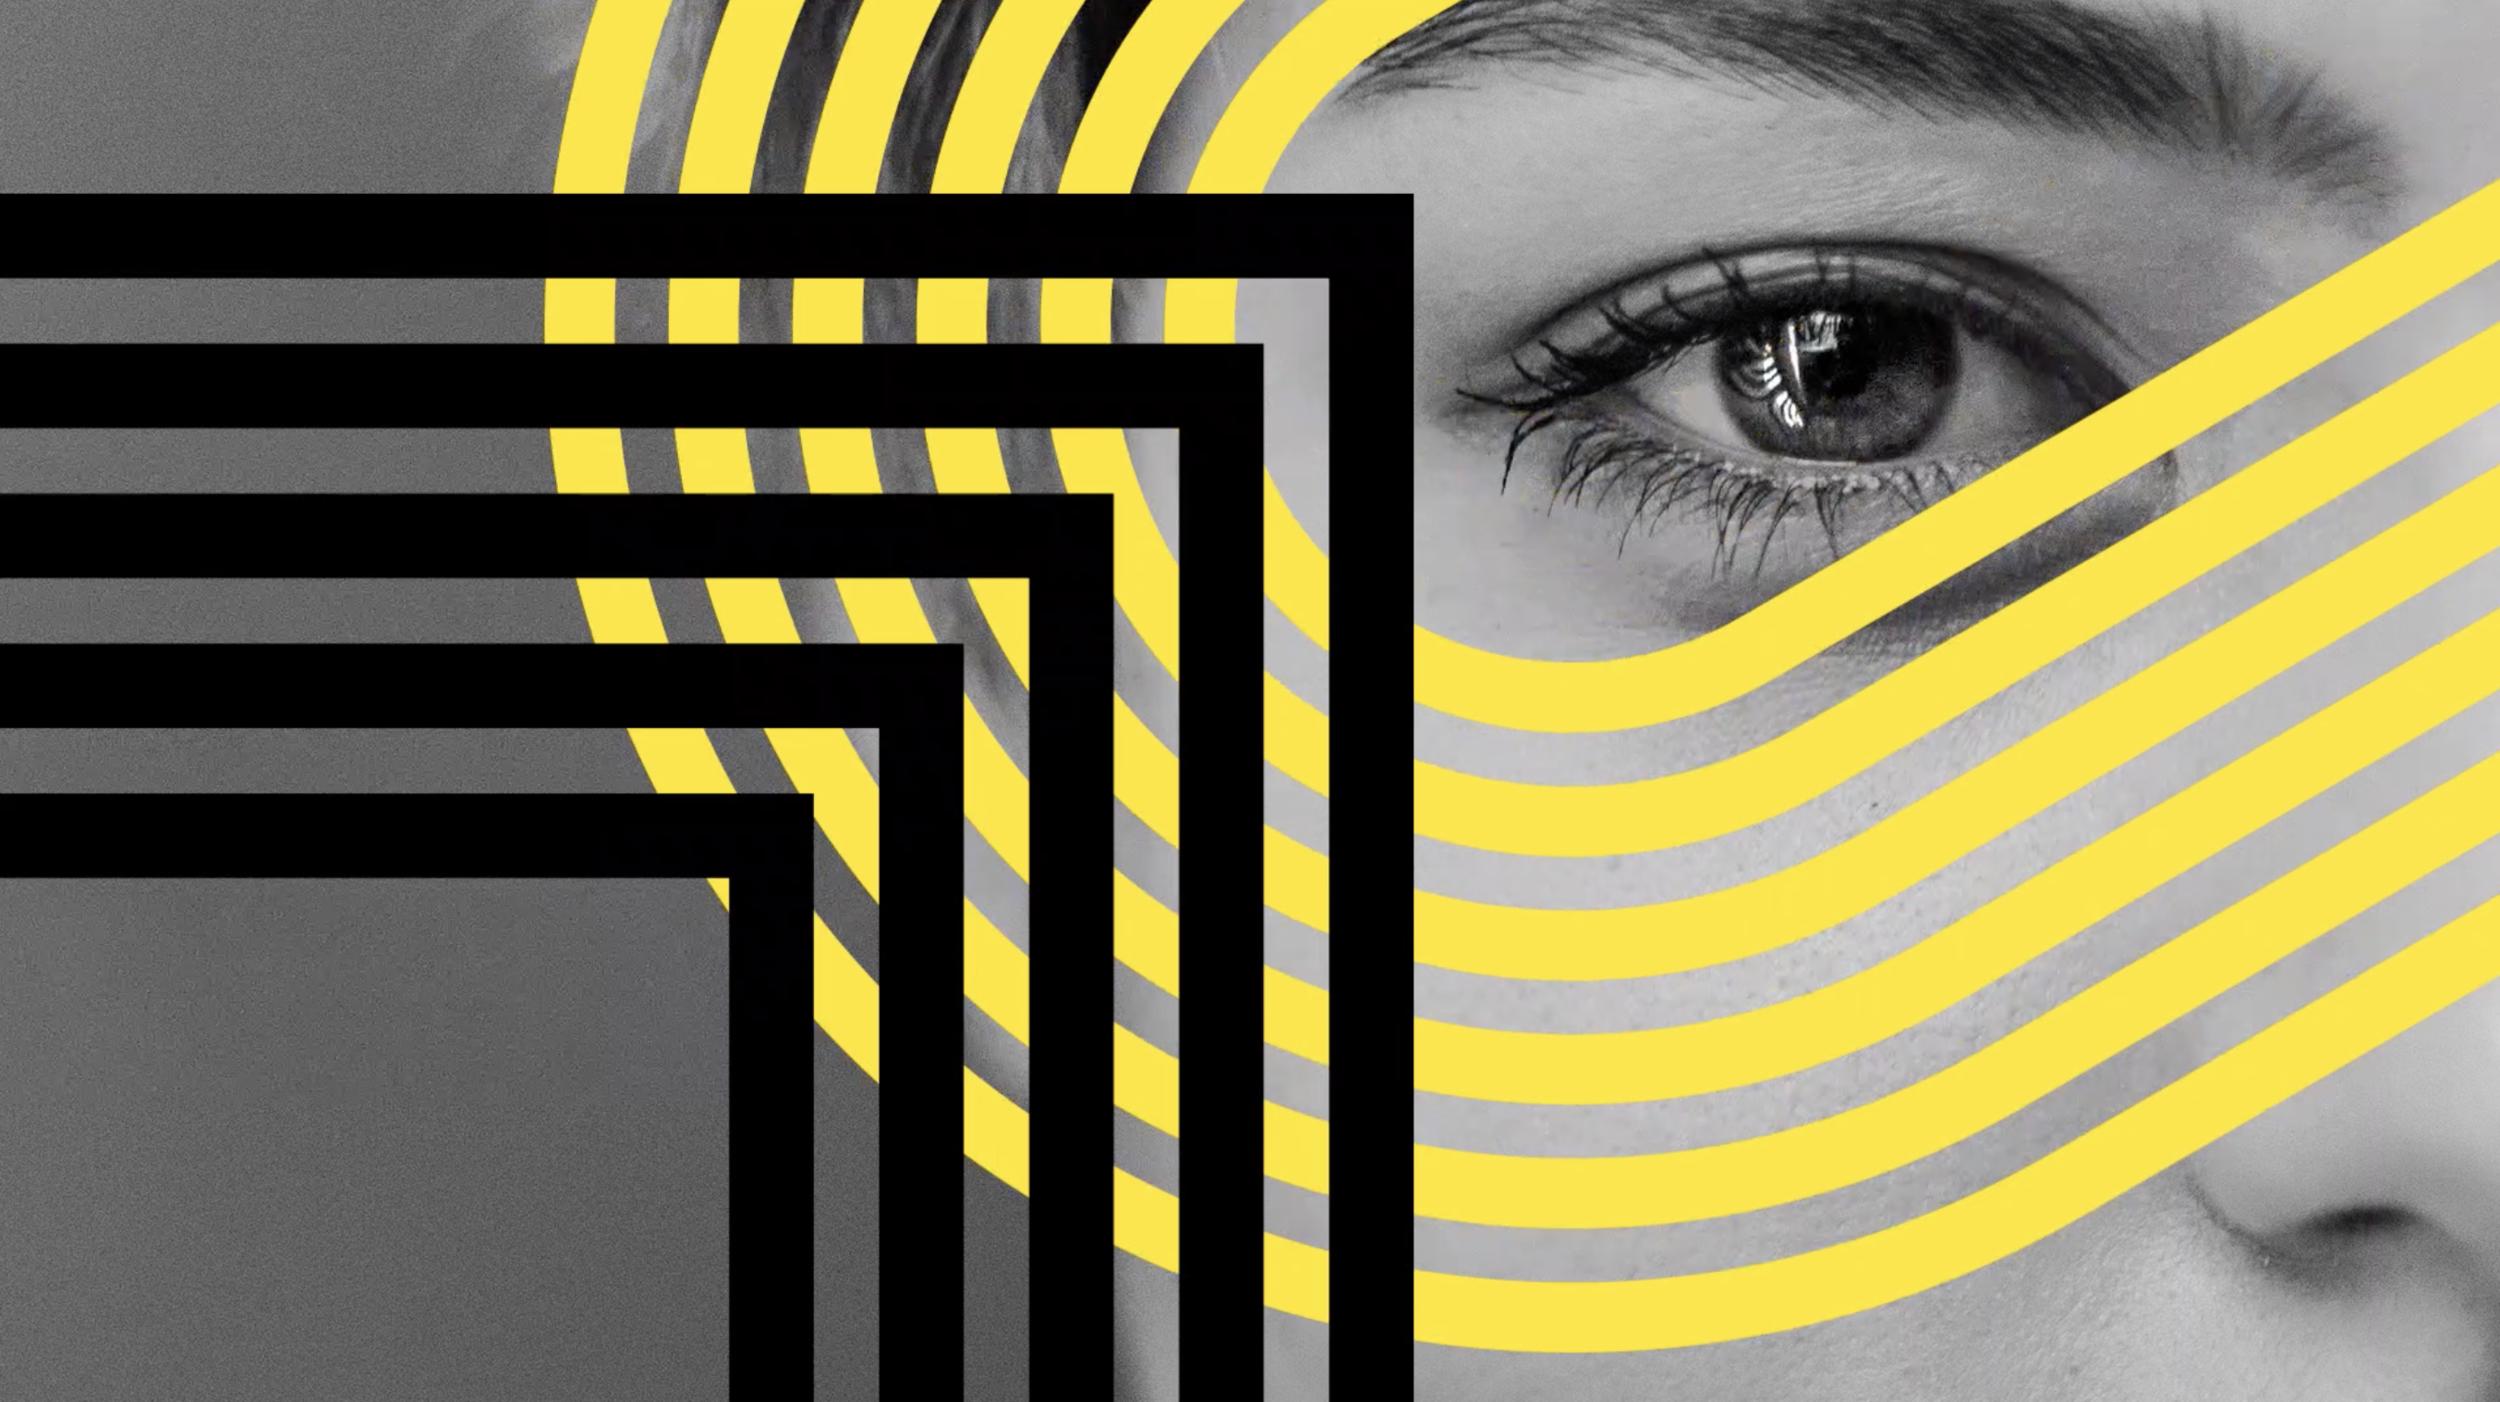 Nuova Accademia Del Design istituto superiore di design / international academy / napoli